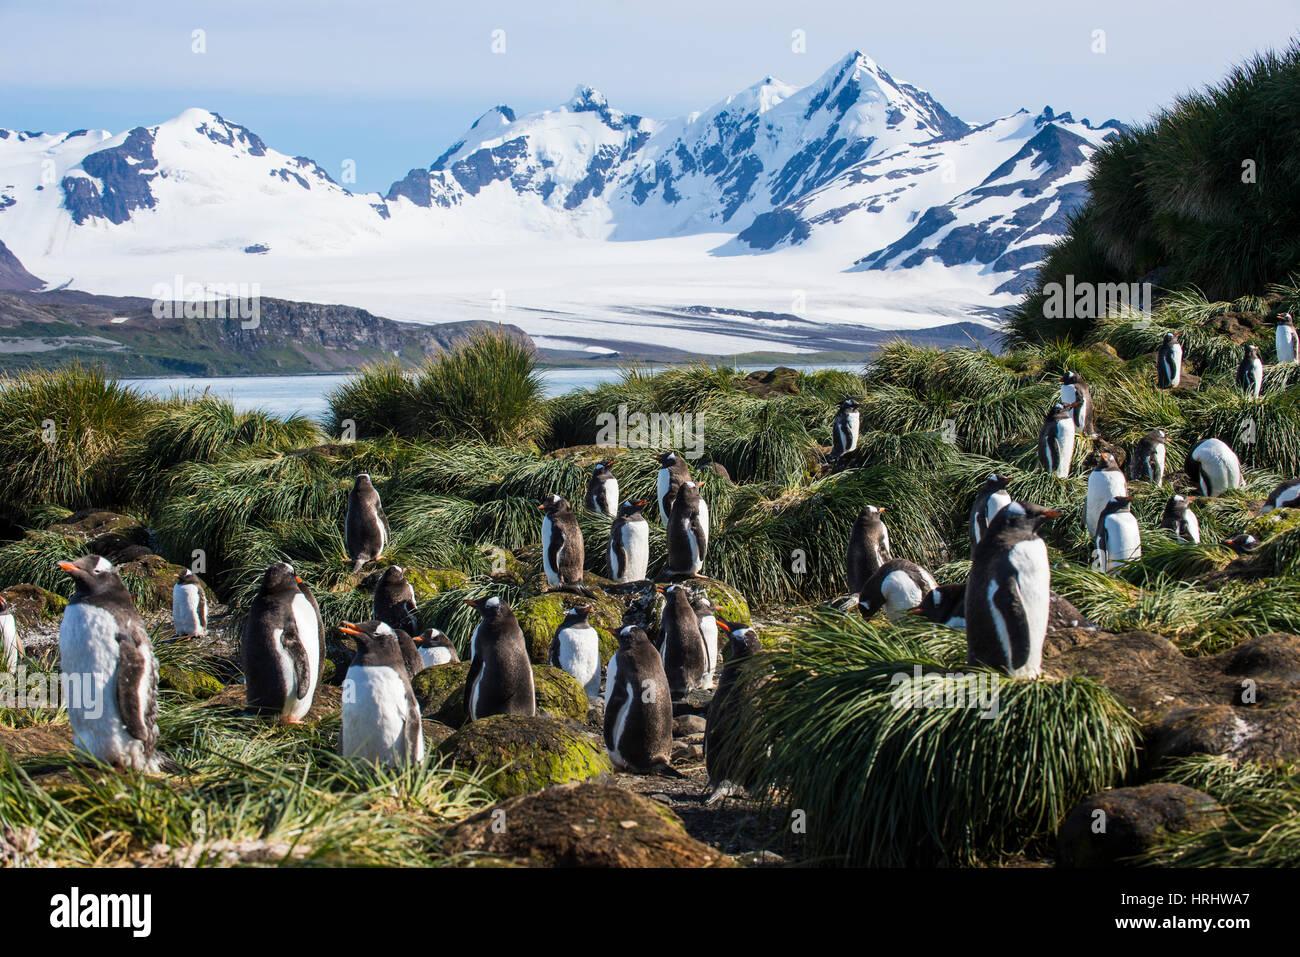 Gentoo penguin (Pygoscelis papua) colony, Prion Island, South Georgia, Antarctica, Polar Regions - Stock Image